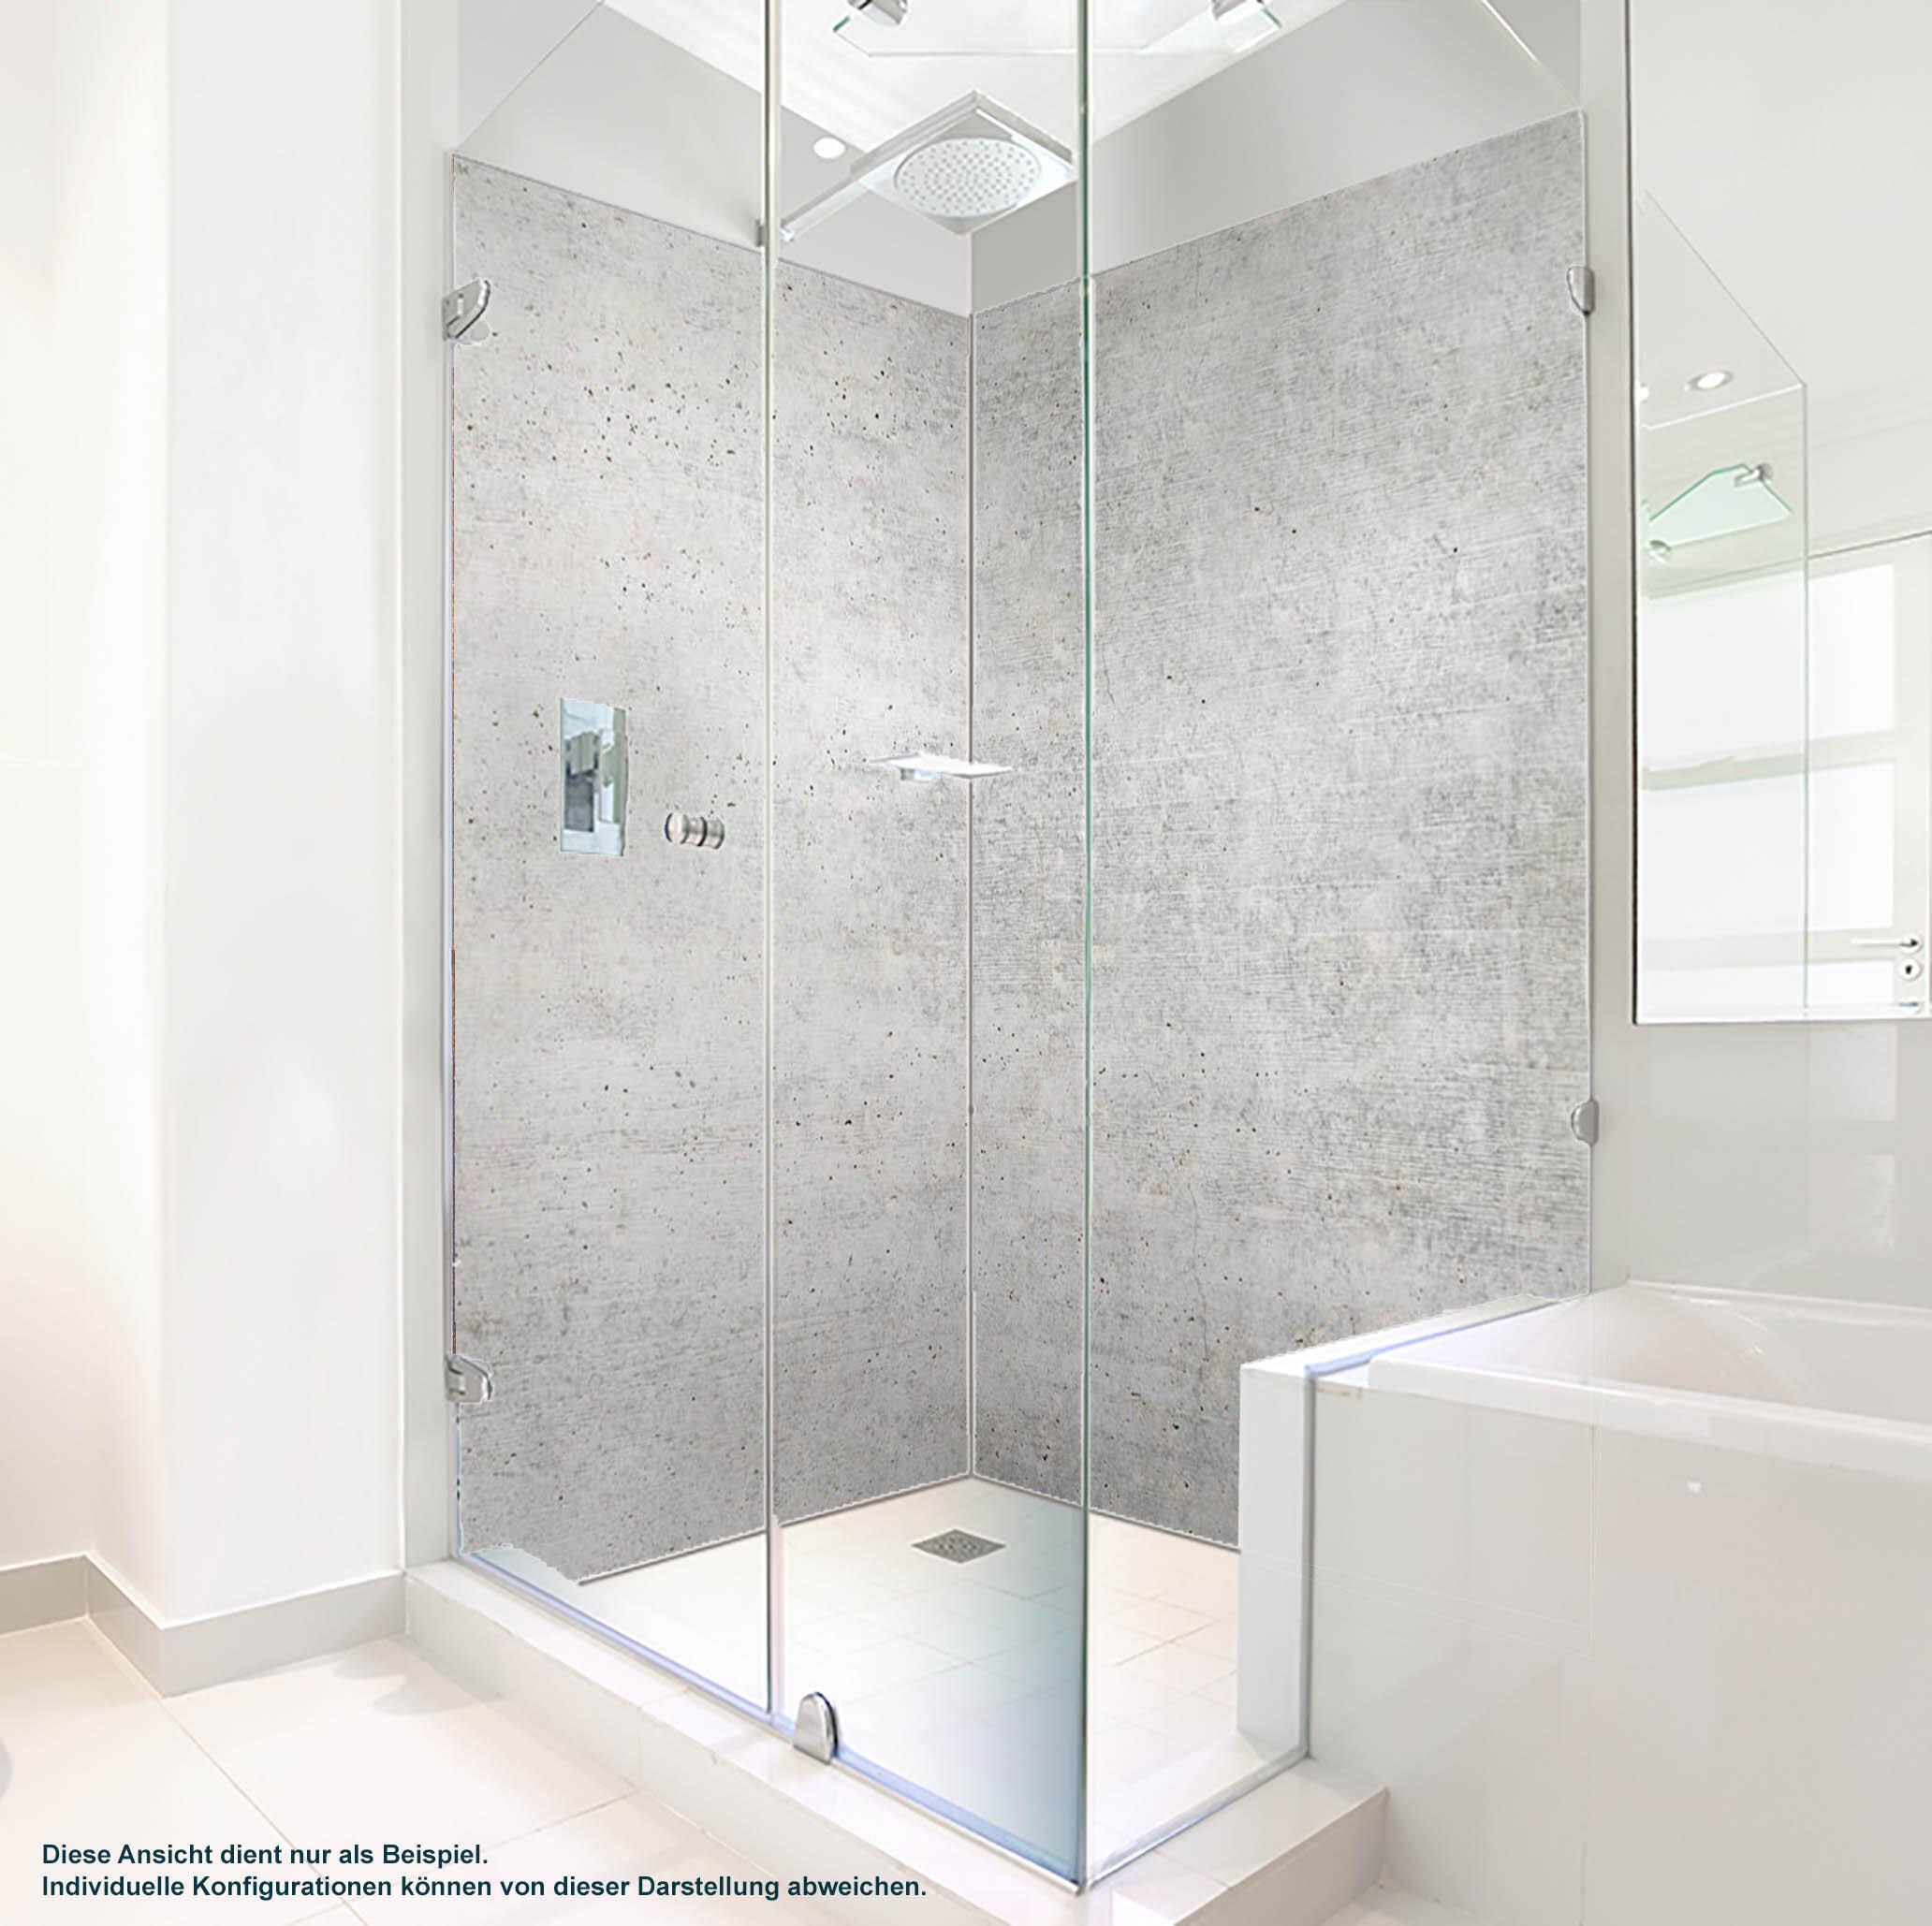 Dusche PlateART Duschrückwand mit Motiv Beton